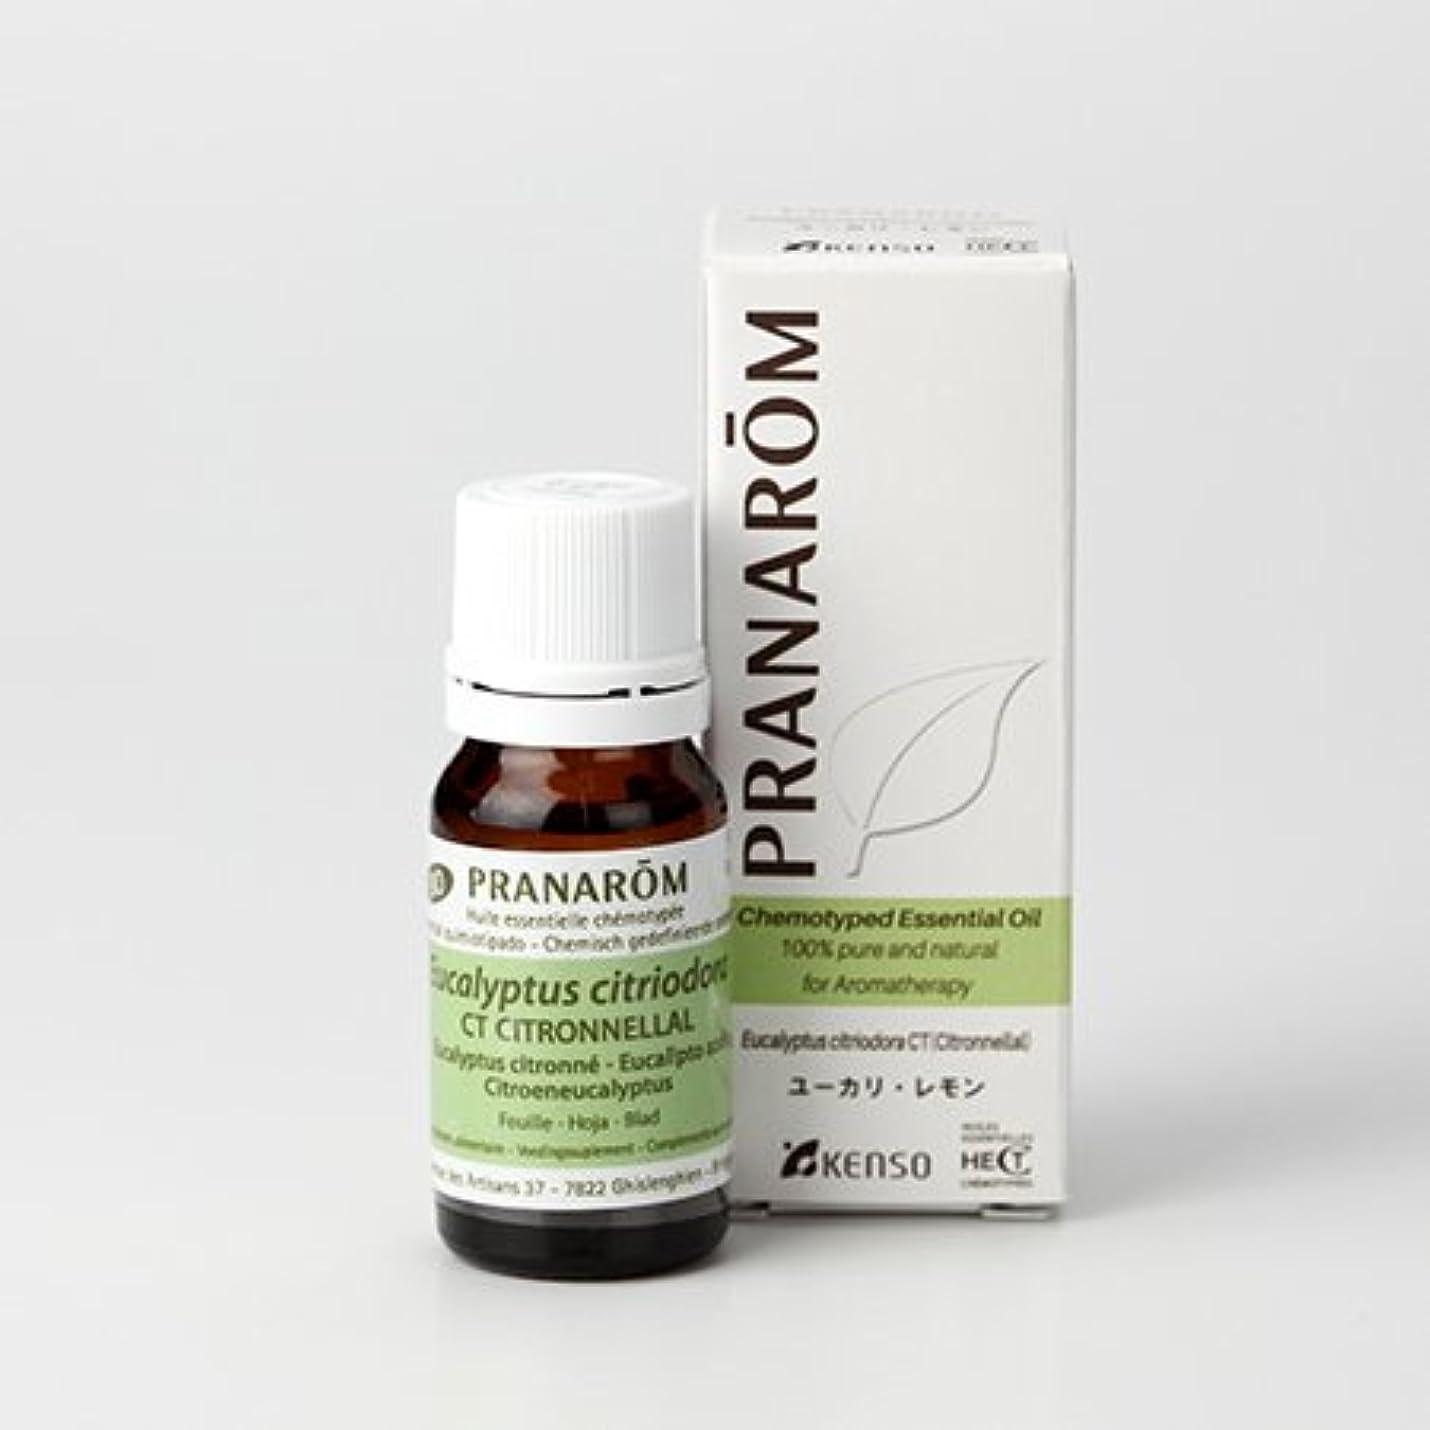 不毛不誠実スナッププラナロム ( PRANAROM ) 精油 ユーカリ?レモン 10ml p-65 ユーカリレモン